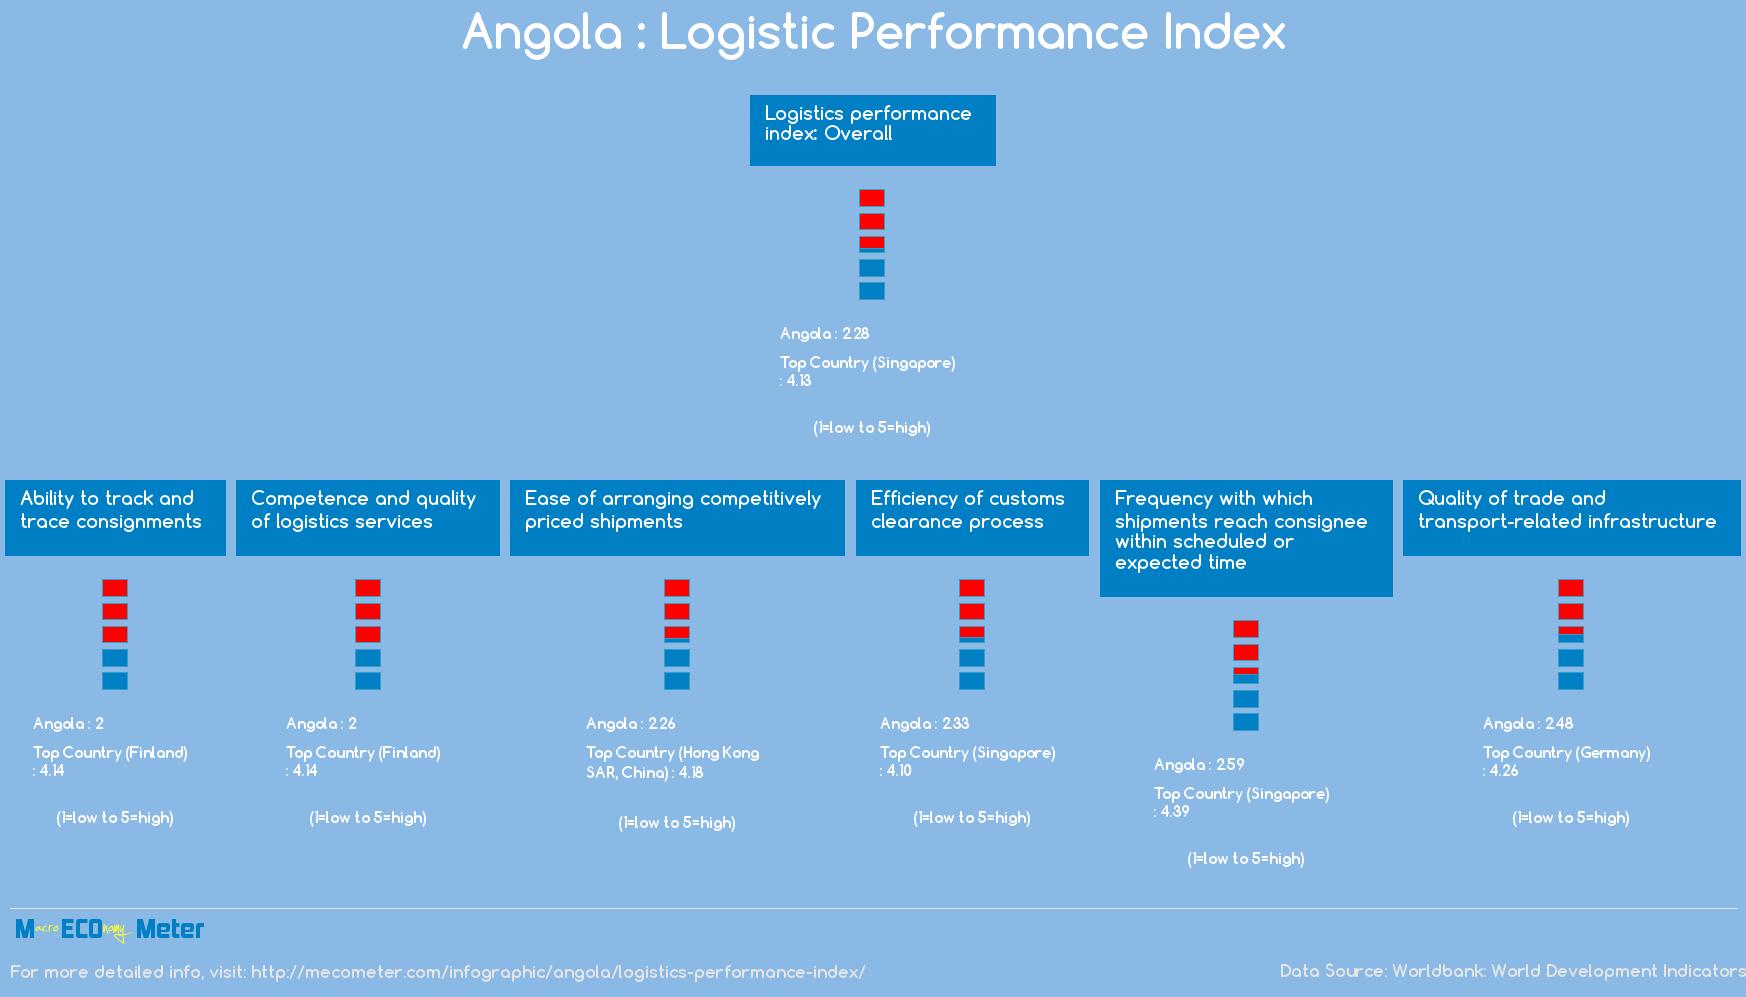 Angola : Logistic Performance Index